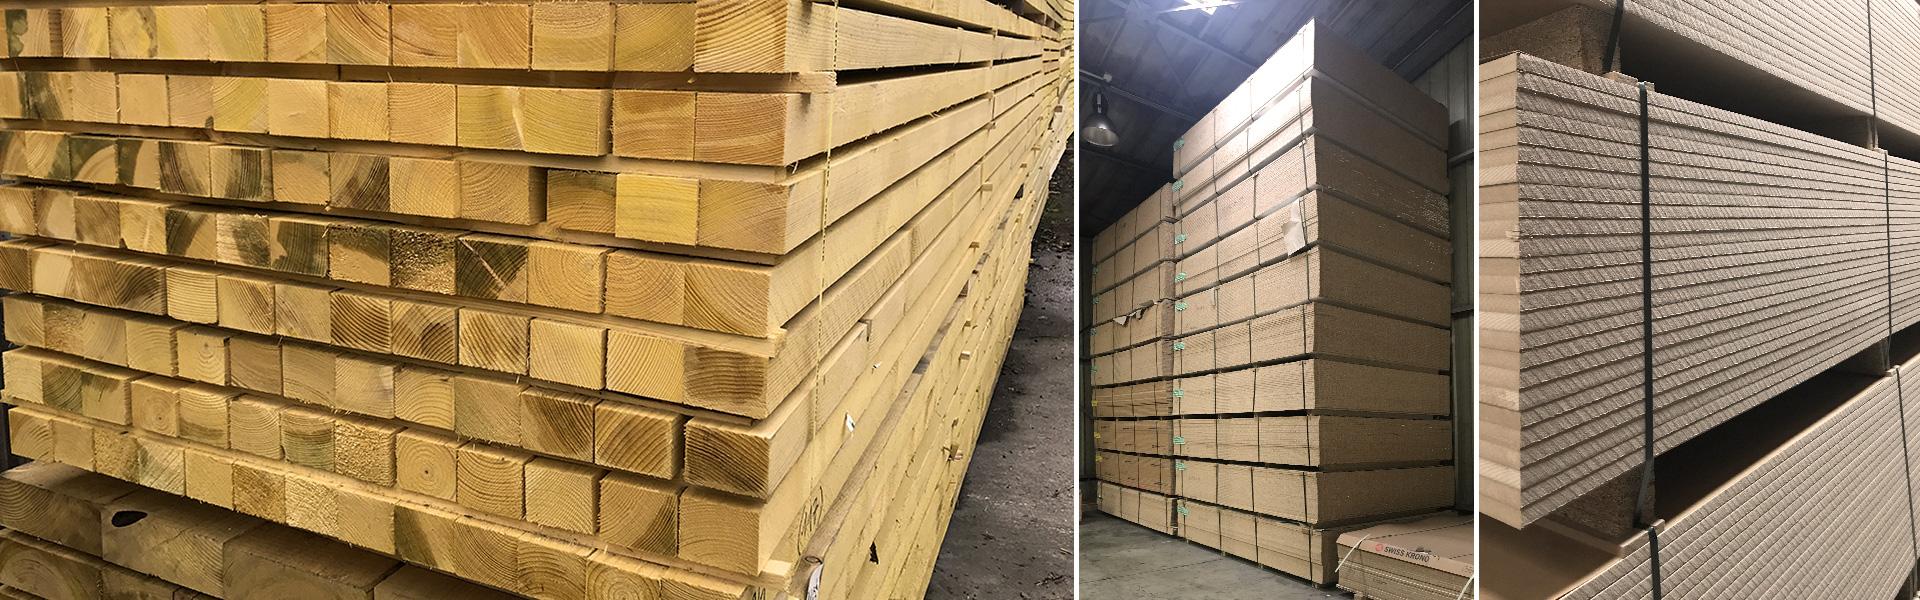 Tasseau Bois Exotique Exterieur bois et matériaux - s.m. bois, le spécialiste en ligne